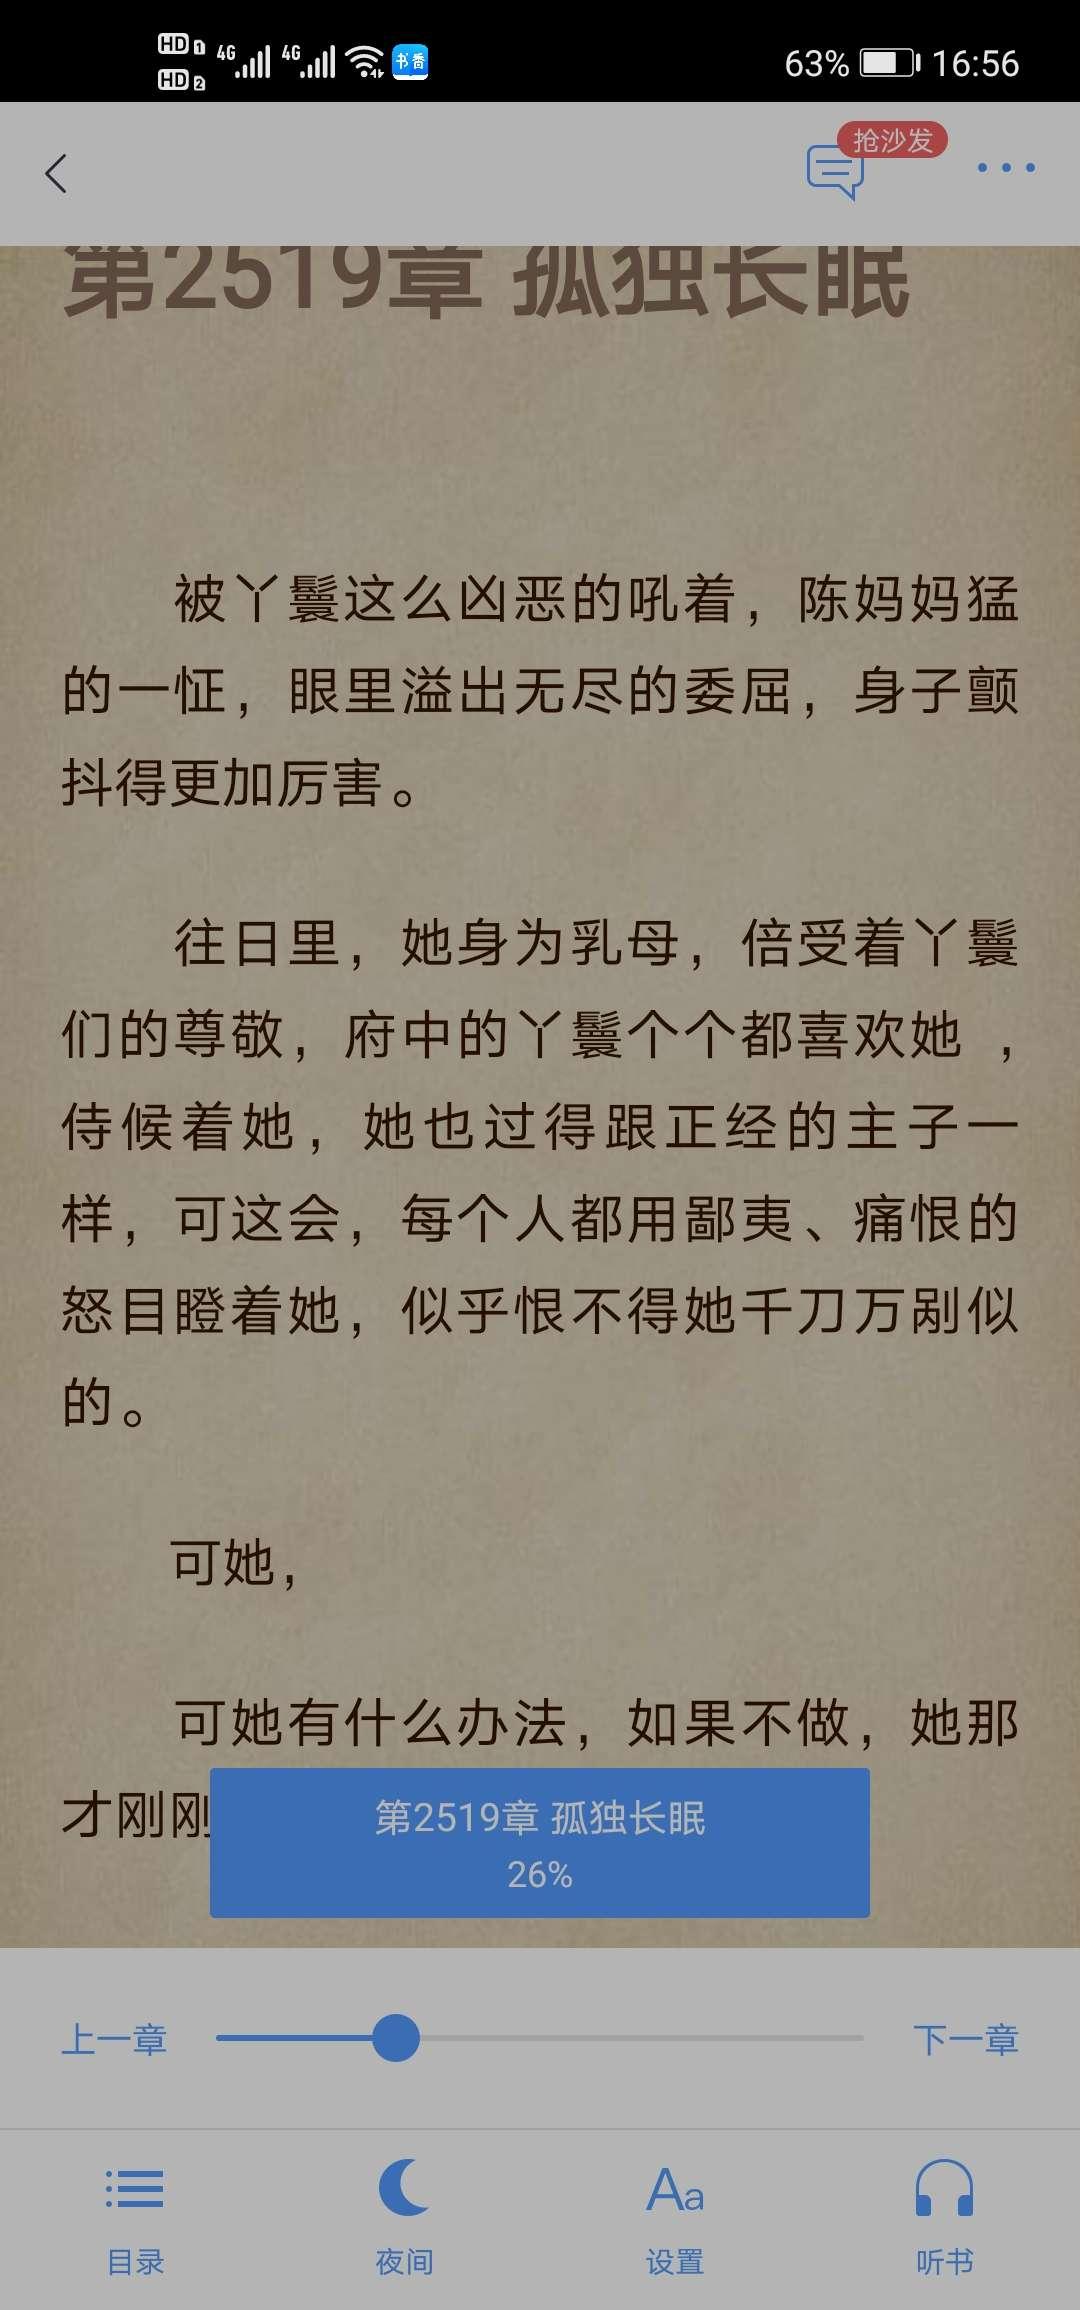 【分享】书香免费小说v5.55.1